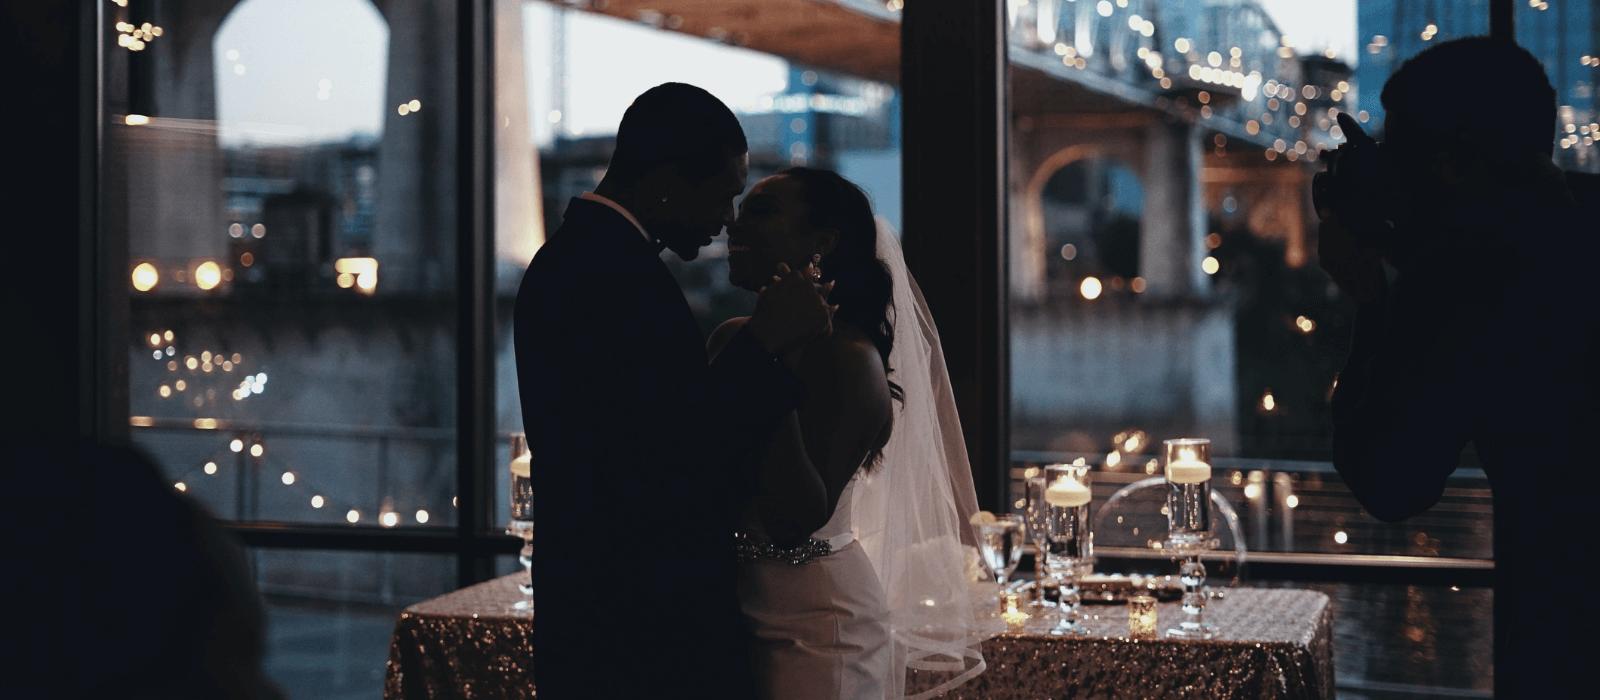 Ślub na 15 osób I Jak zorganizować _ Design Your Wedding